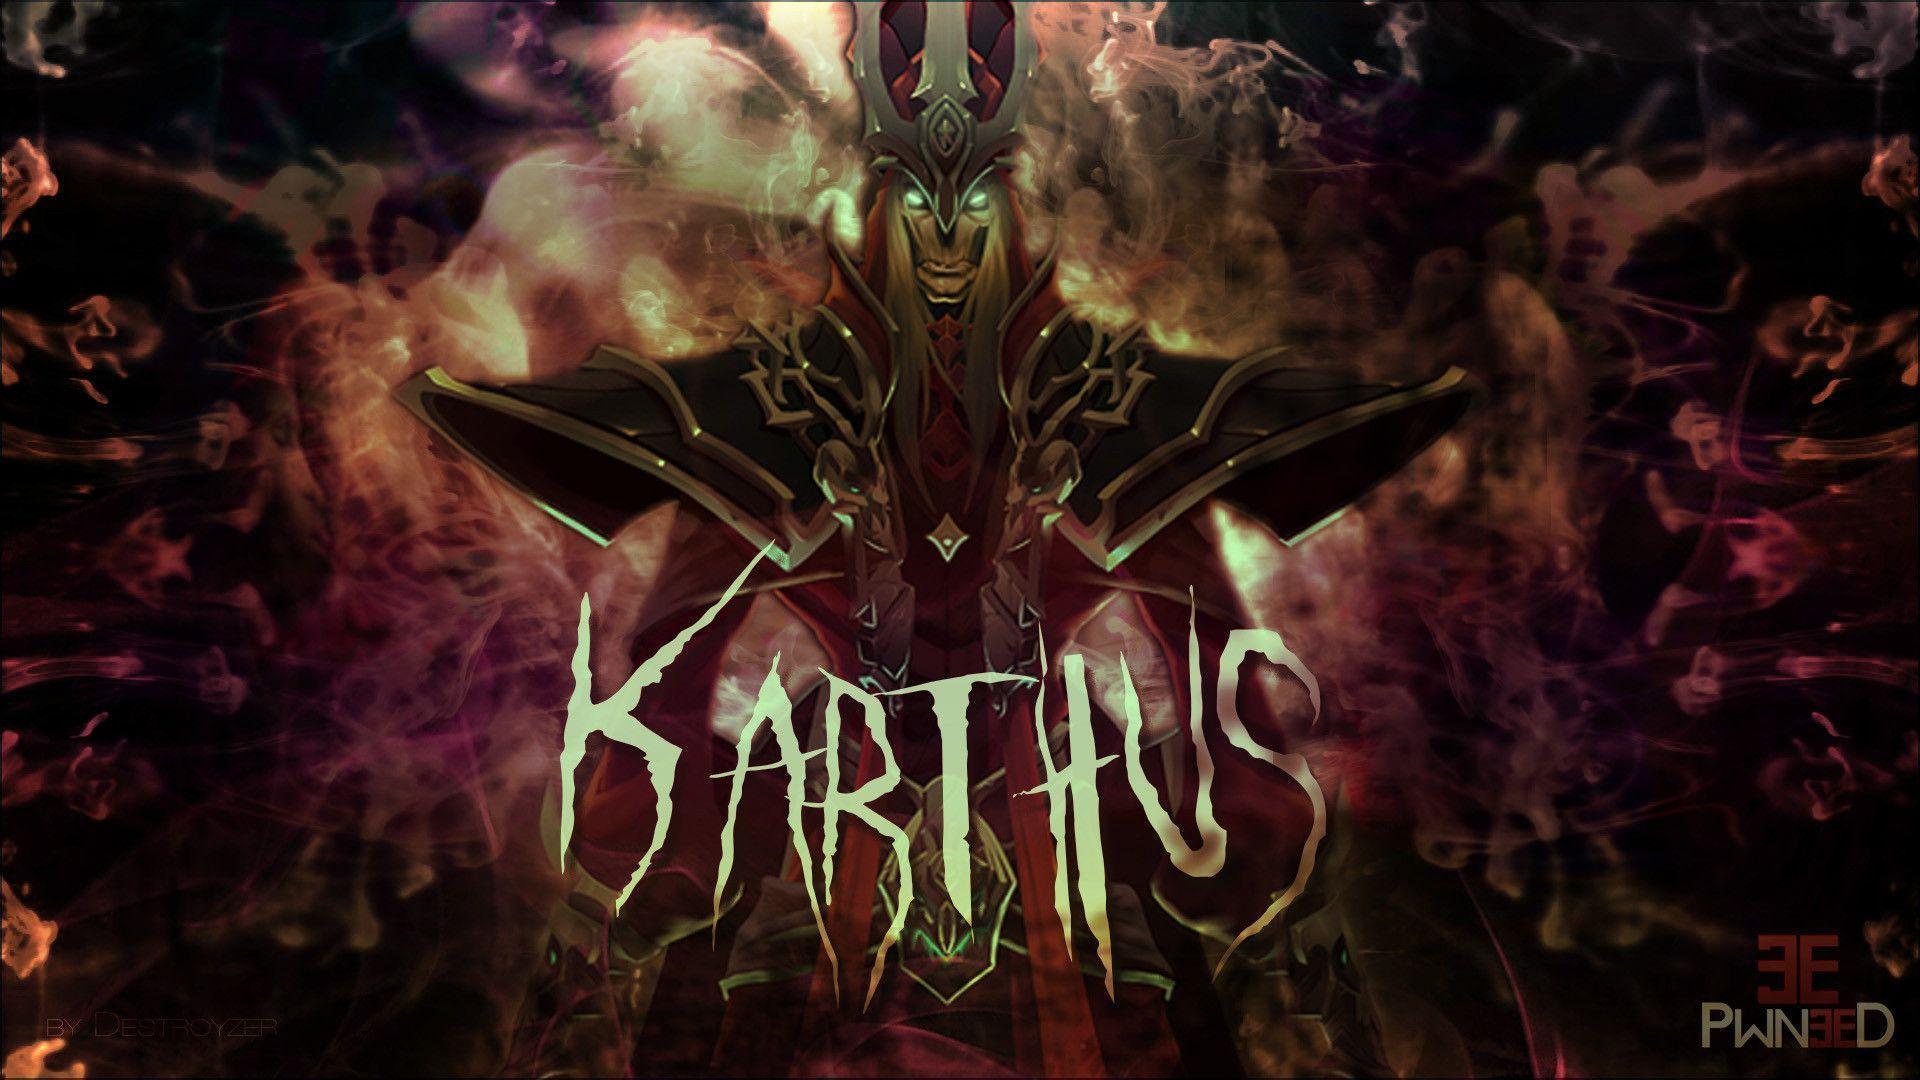 Pentakill karthus wallpaper